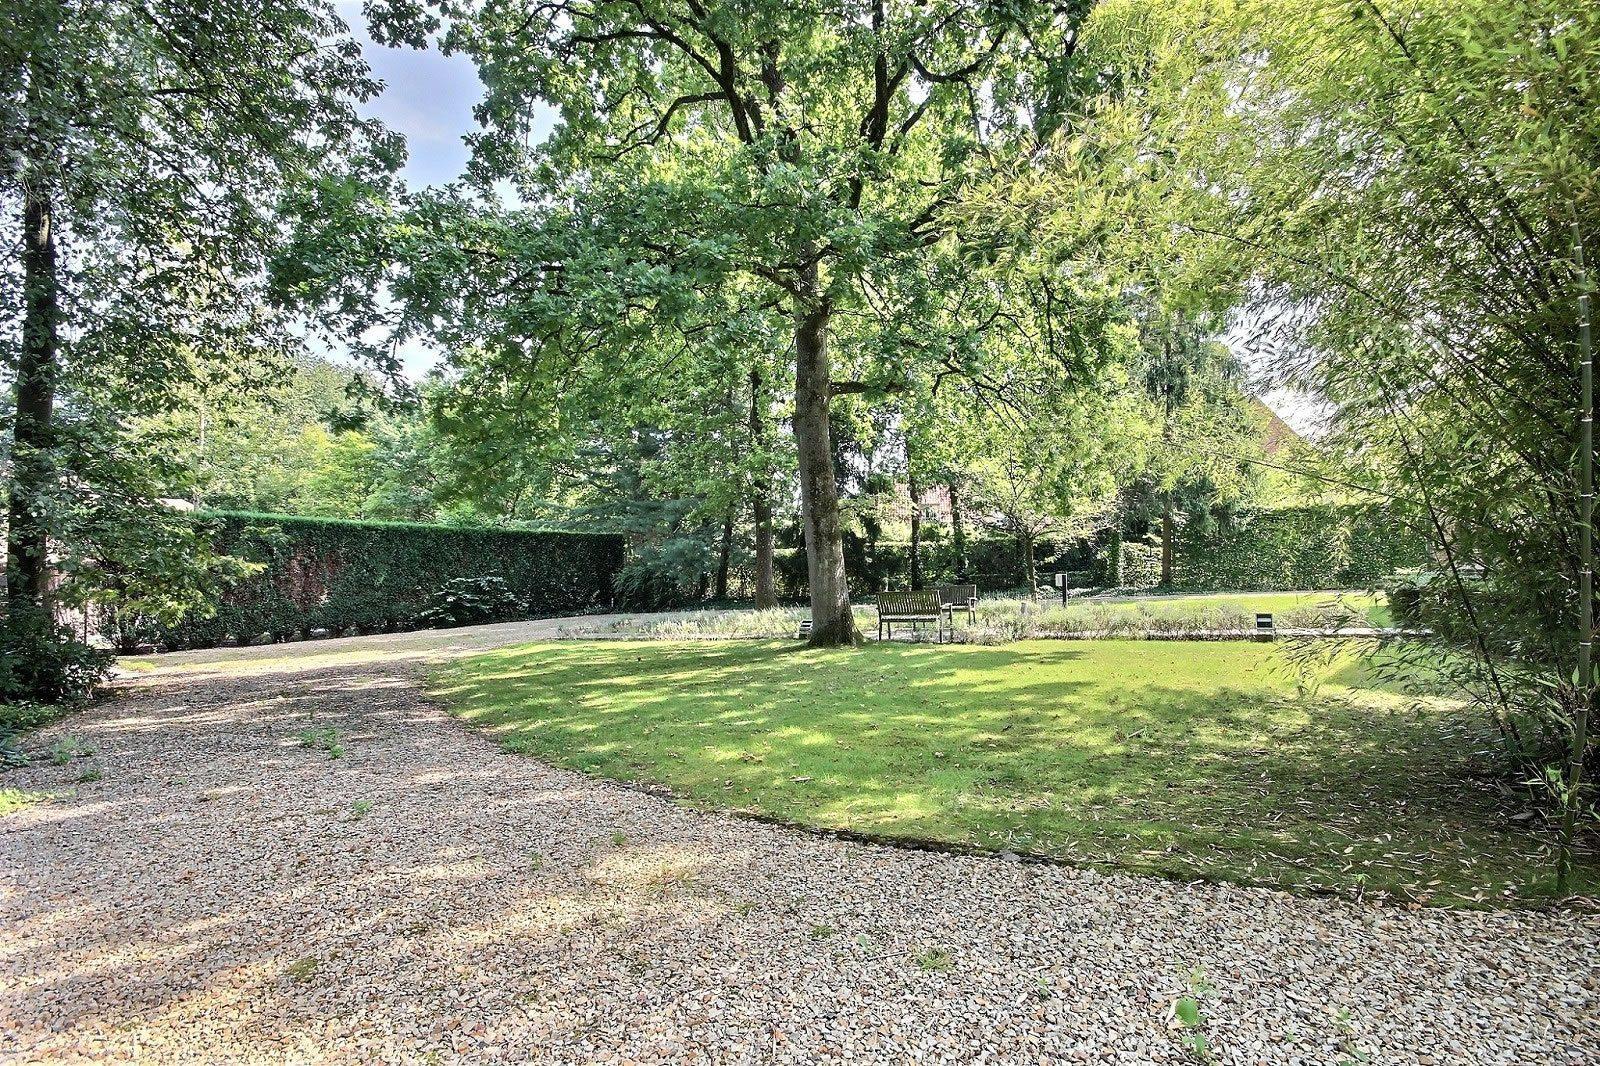 belle-maison-piscine-a-vendre-foret-de-soignes-cheminee-cave-vin